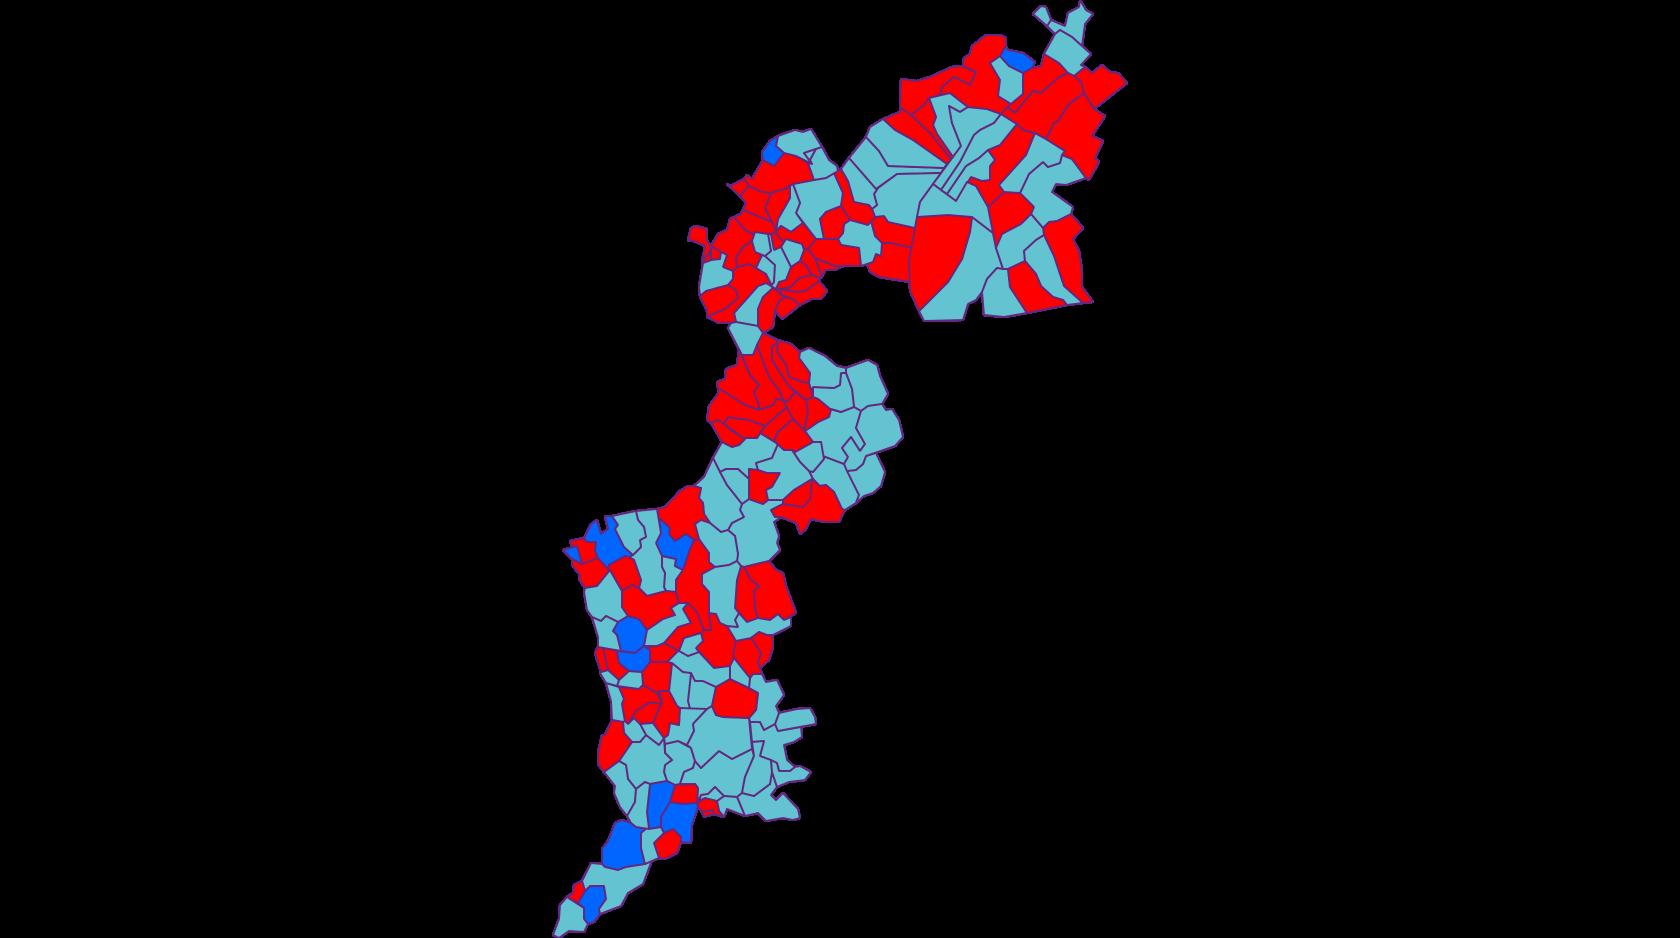 Национальные выборы   Бургенланд